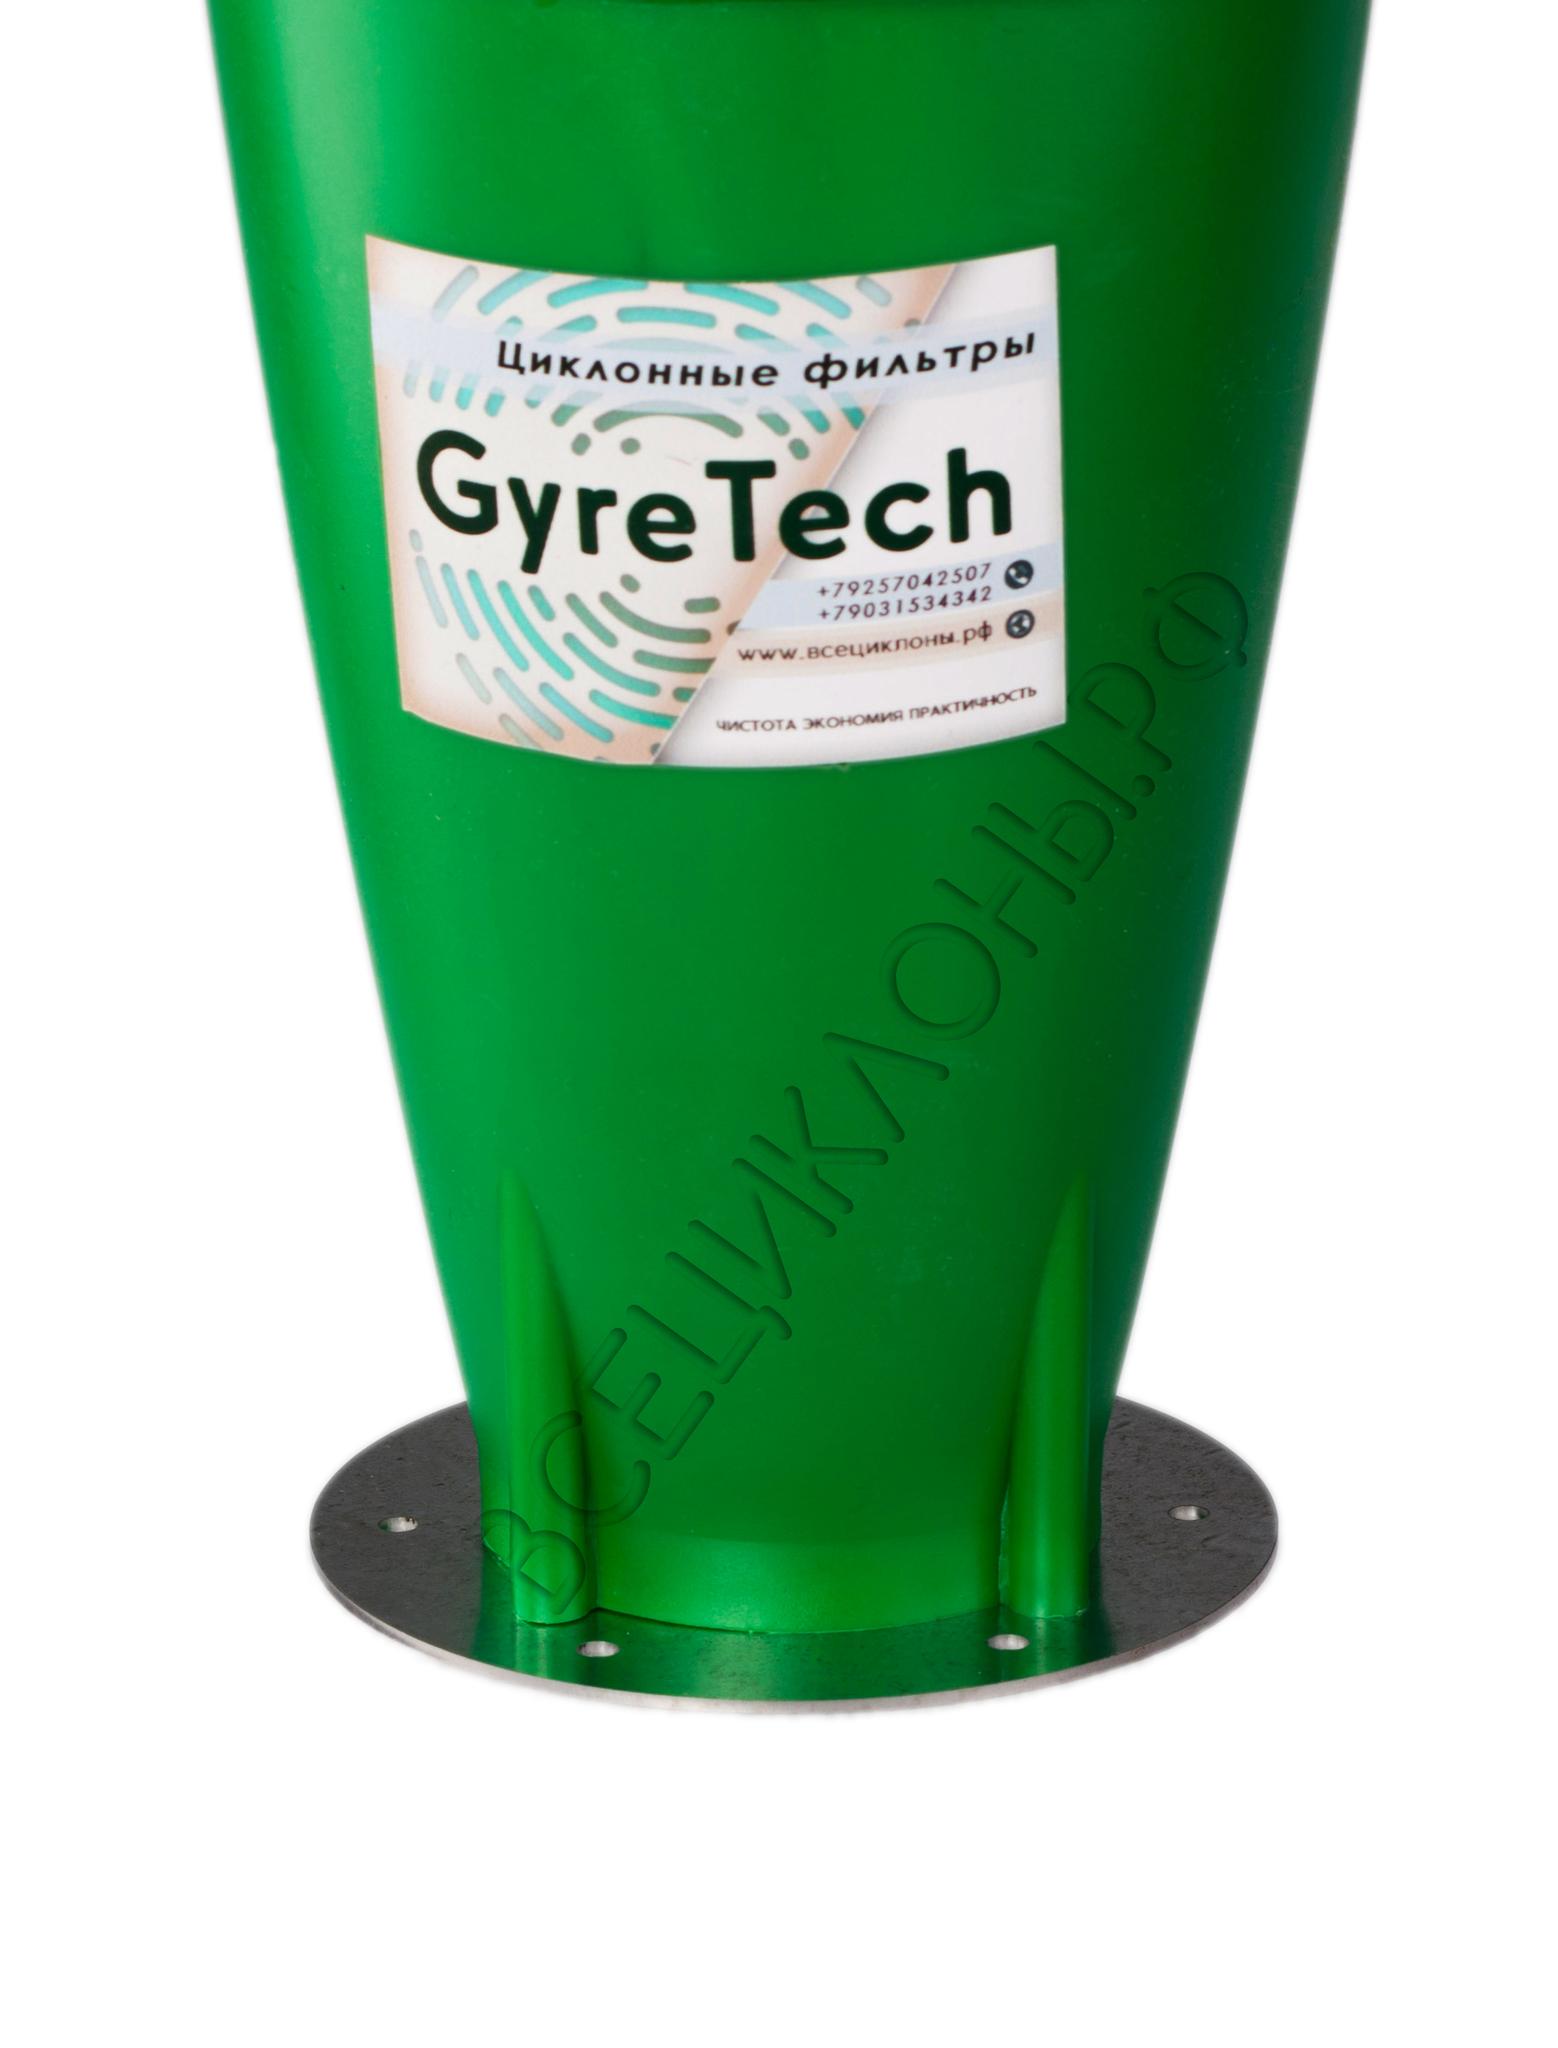 Фланец опорный для циклонного фильтра М-2, циклонный фильтр продаётся отдельно